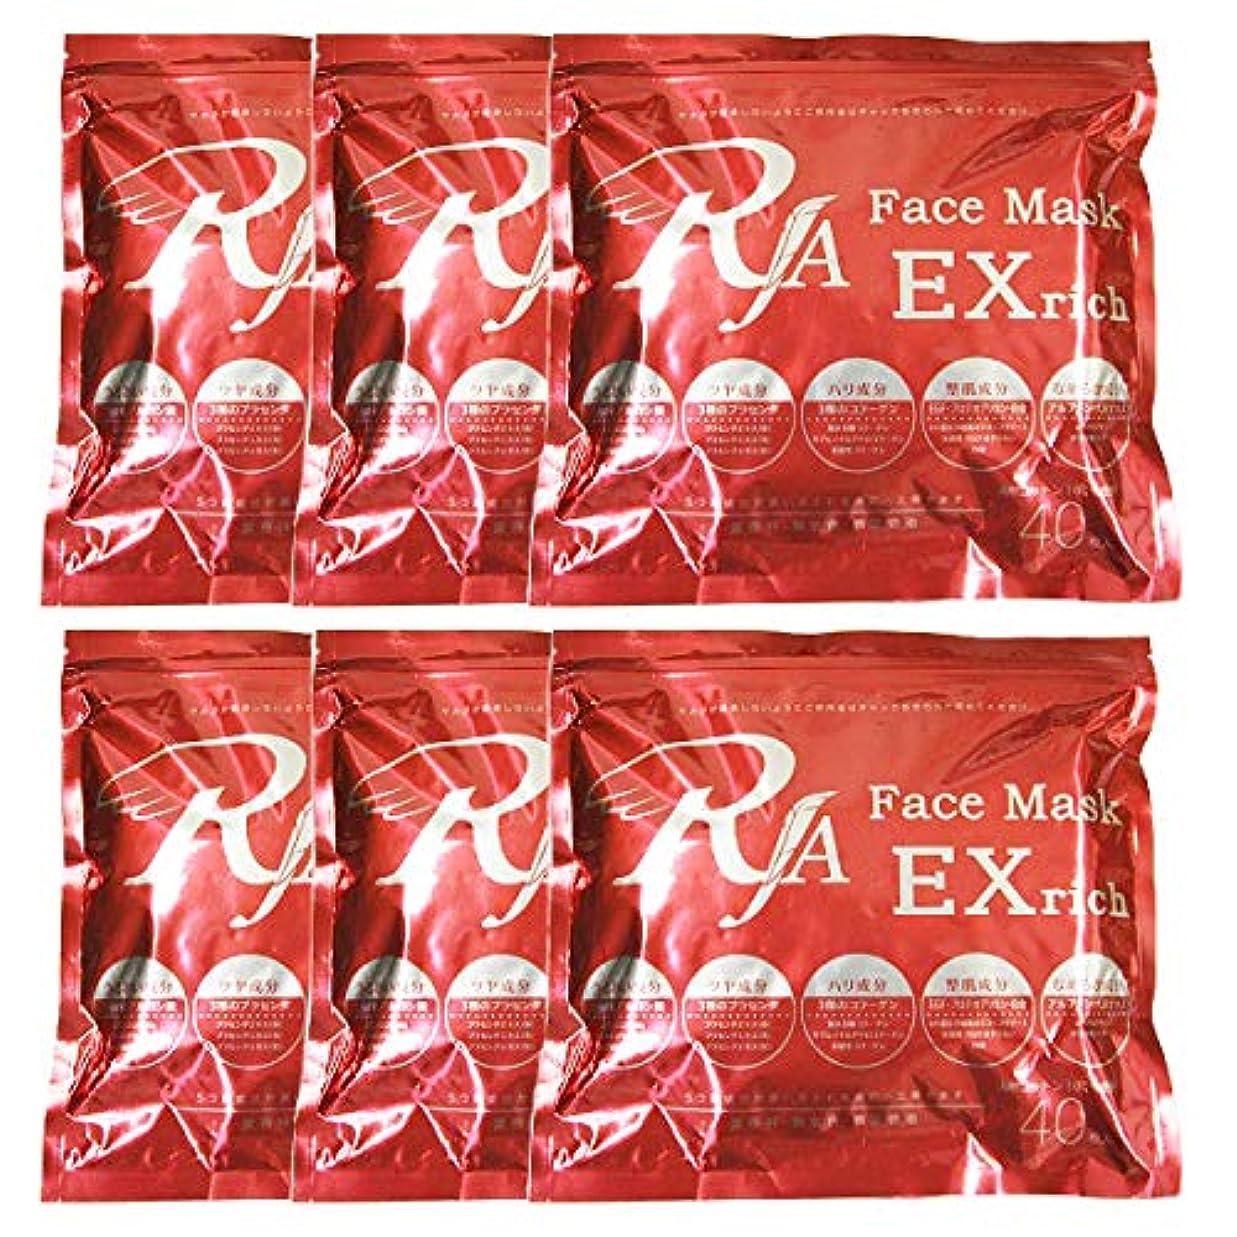 グリルドナー流産TBS公式/RJA フェイス マスク EXrich 240枚入(40枚×6袋) エステ使用の実力派フェイスマスク!1枚に約11mlもの美容液